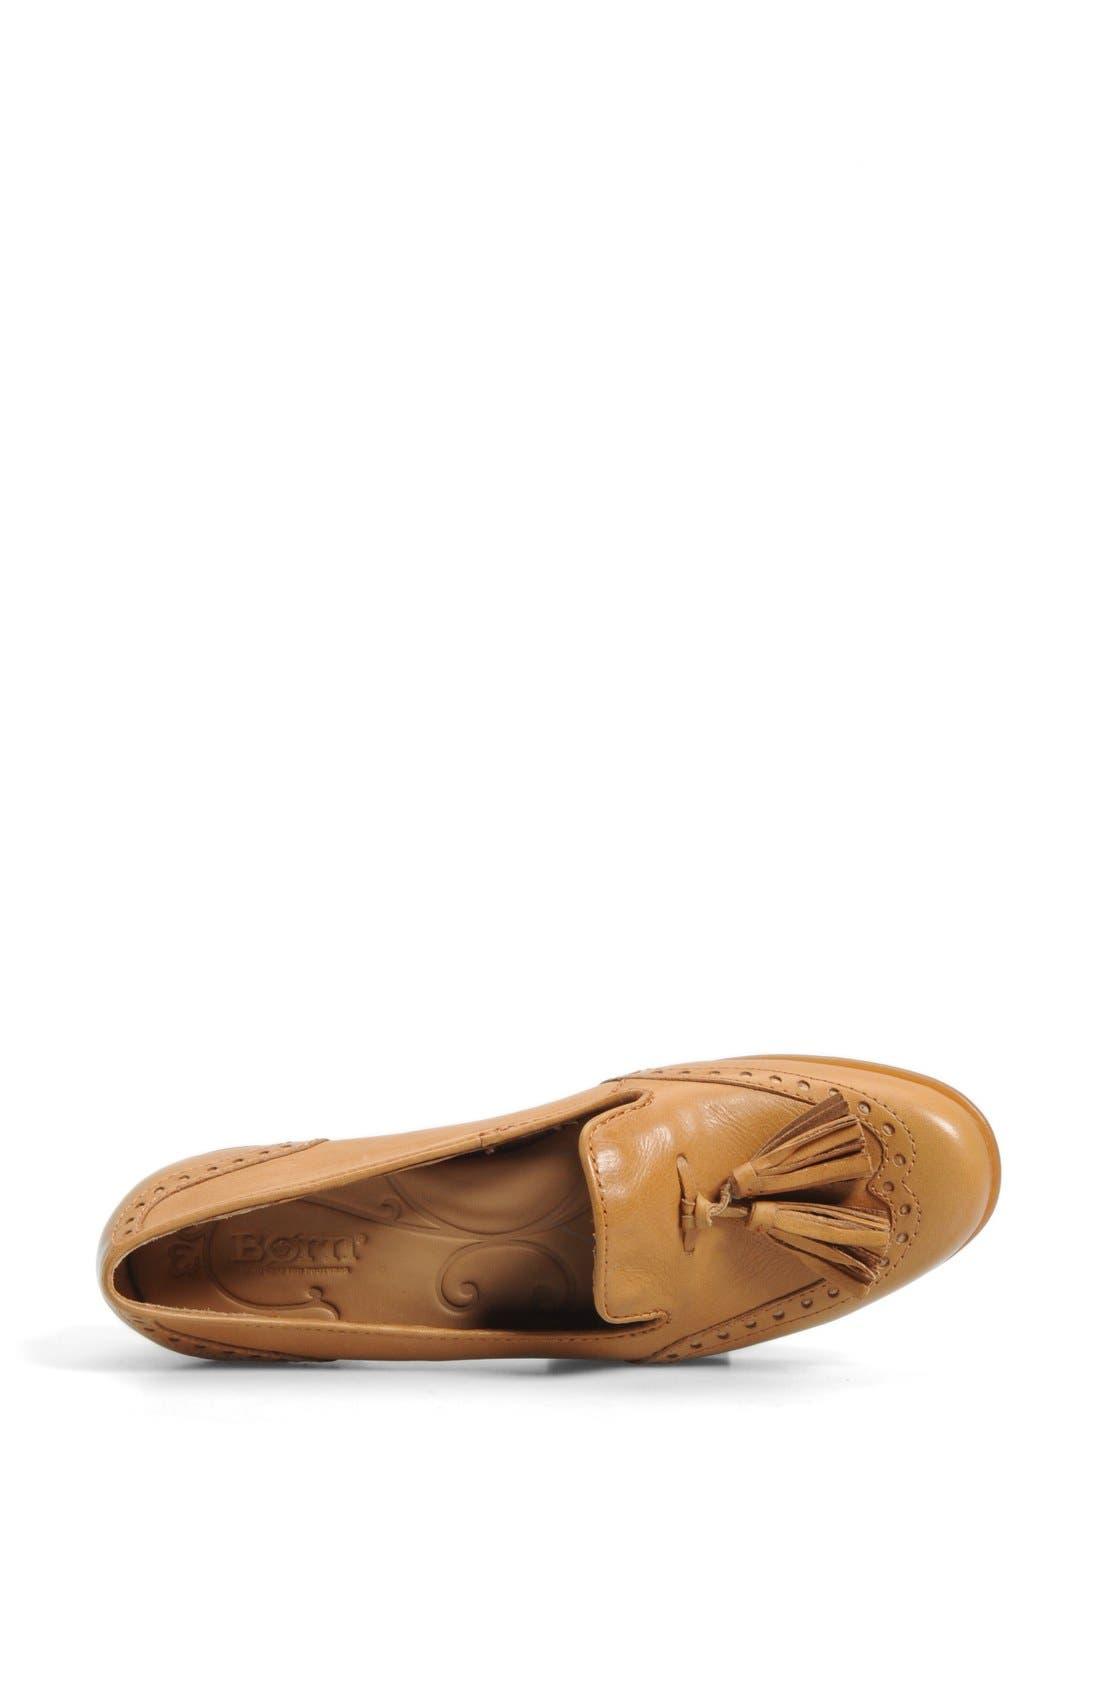 Alternate Image 3  - Børn 'Charmaine' Brogue Loafer